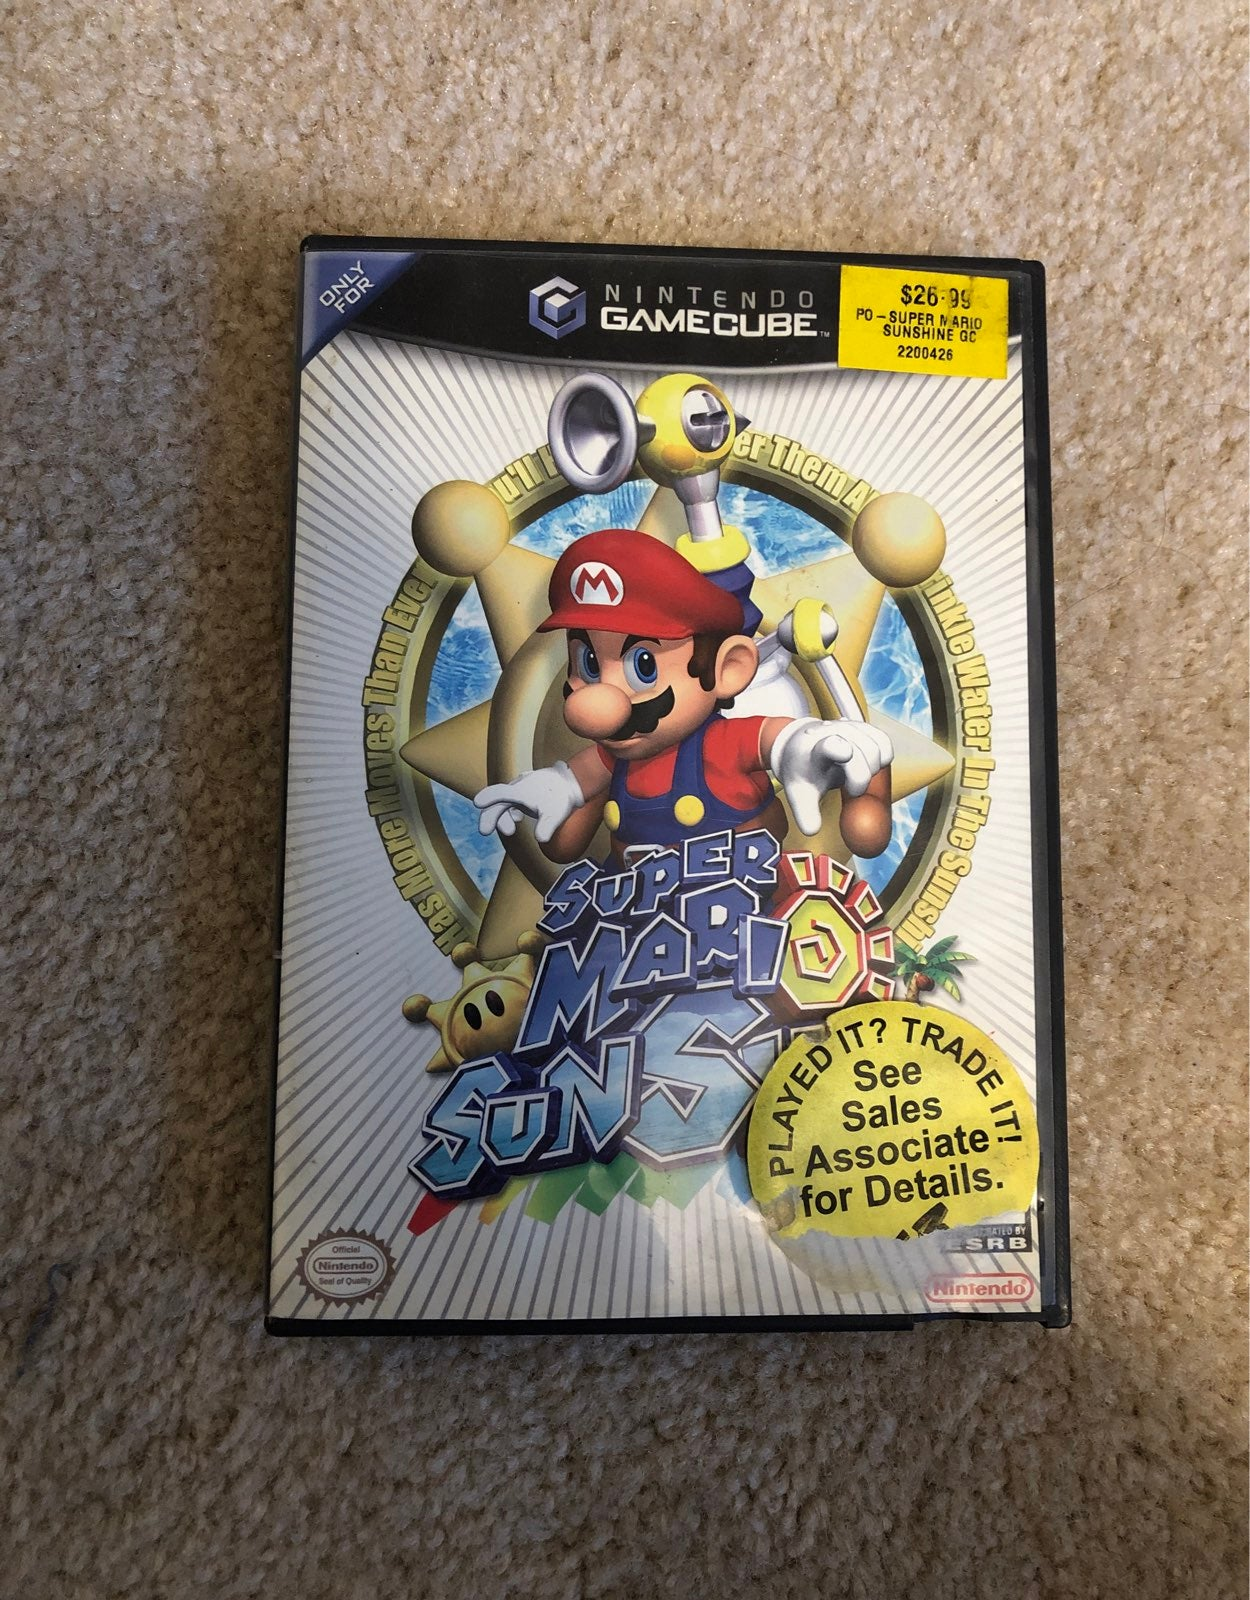 Super Mario Sunshine on Nintendo GameCub